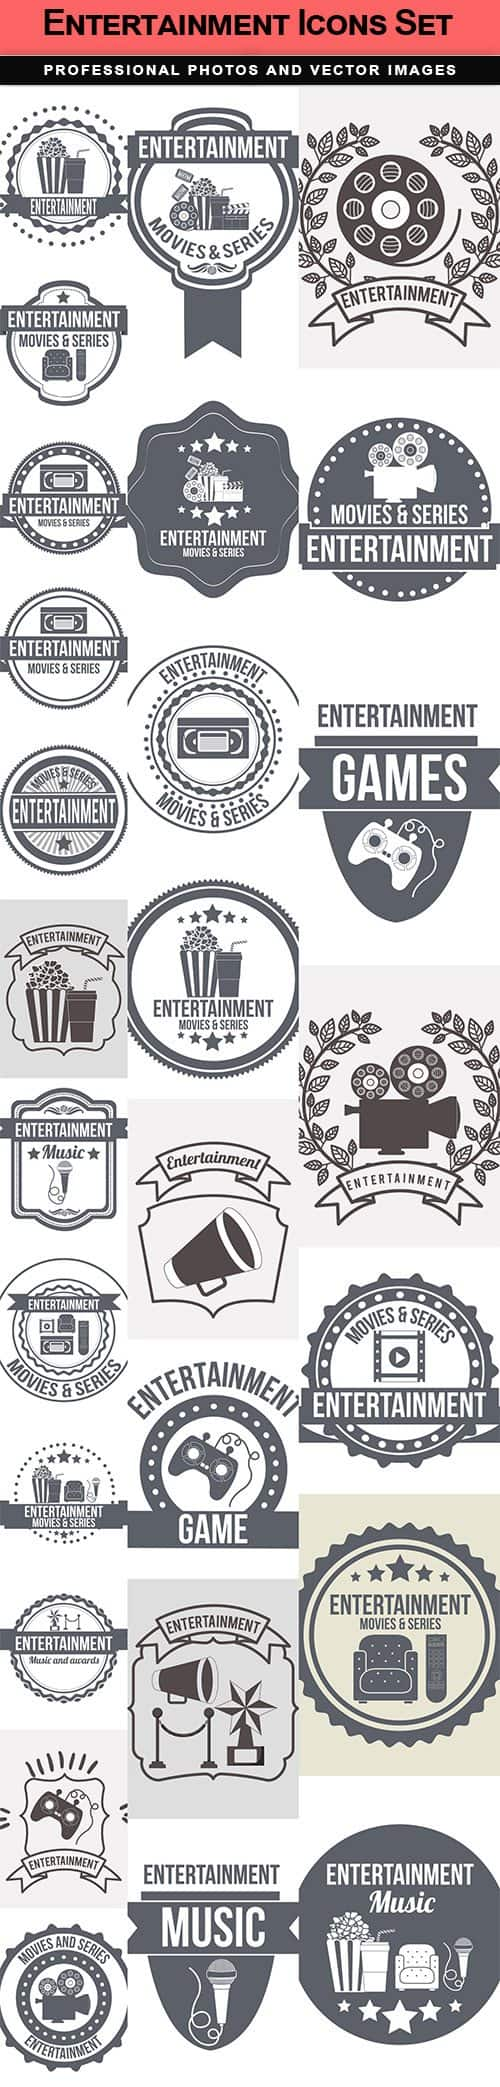 Entertainment Icons Set